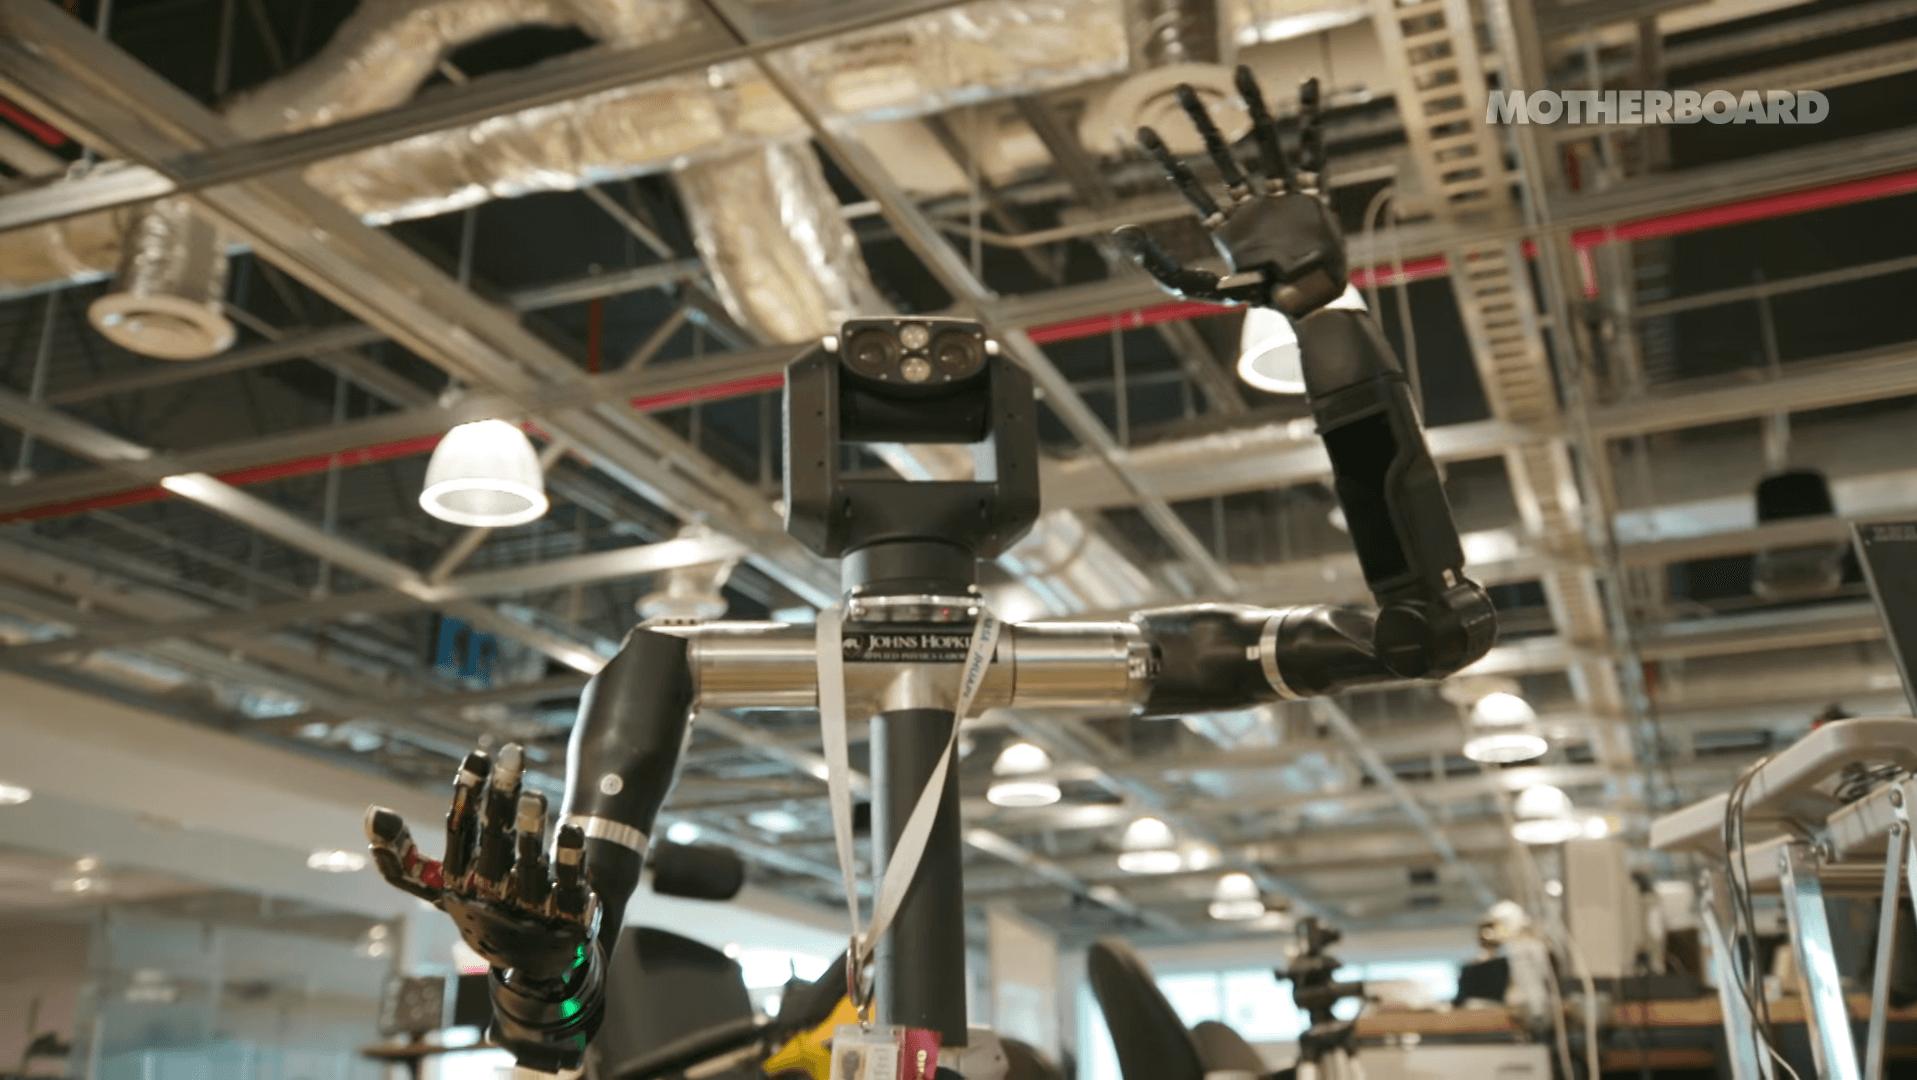 Captura de Tela 42 - Nova geração de próteses biônicas pode revolucionar a sociedade